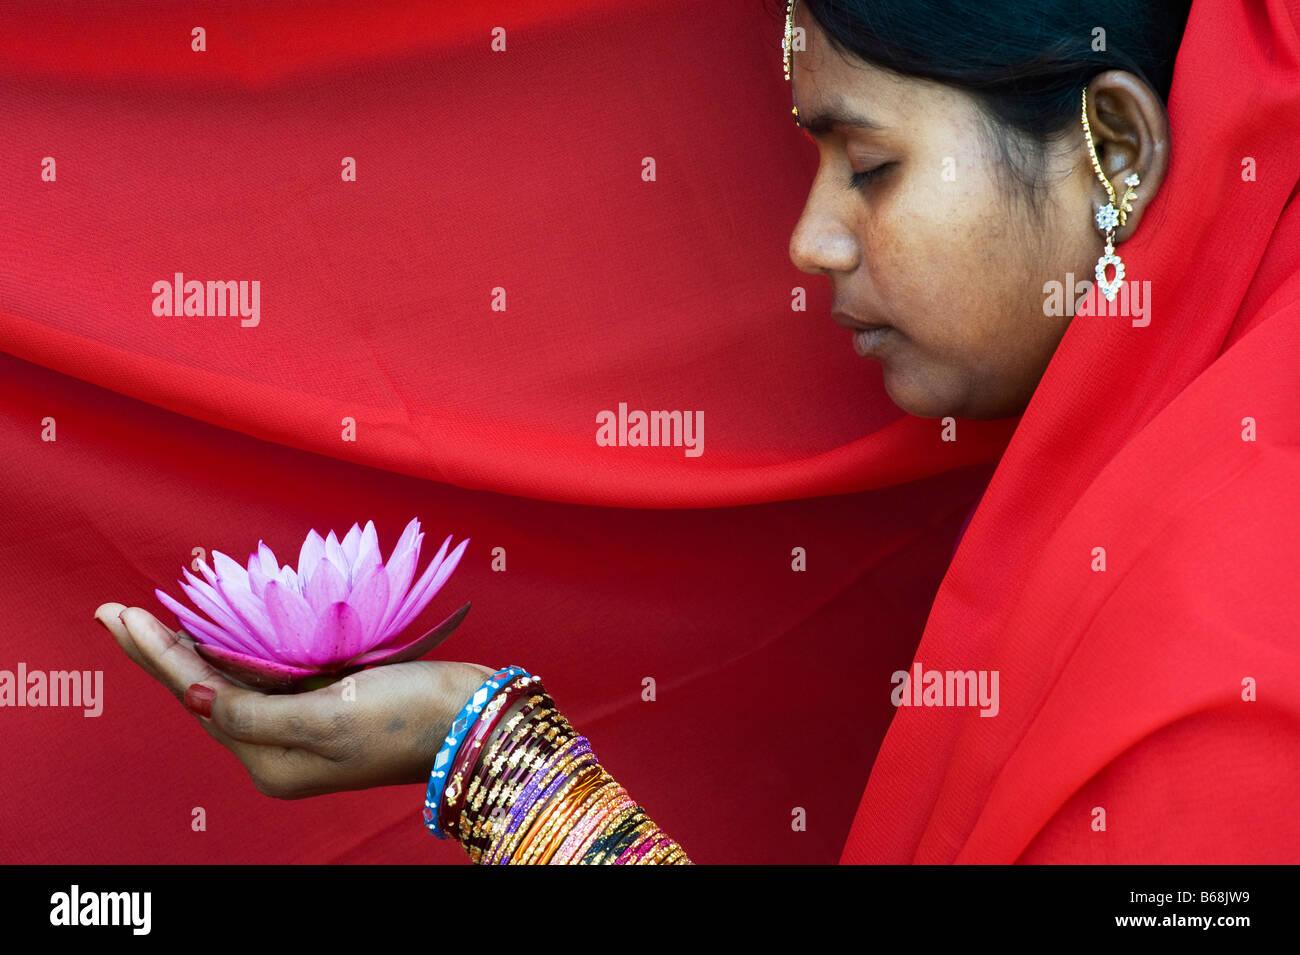 Donna indiana offre un Nymphaea ninfea tropicale fiore in un sari rosso Immagini Stock